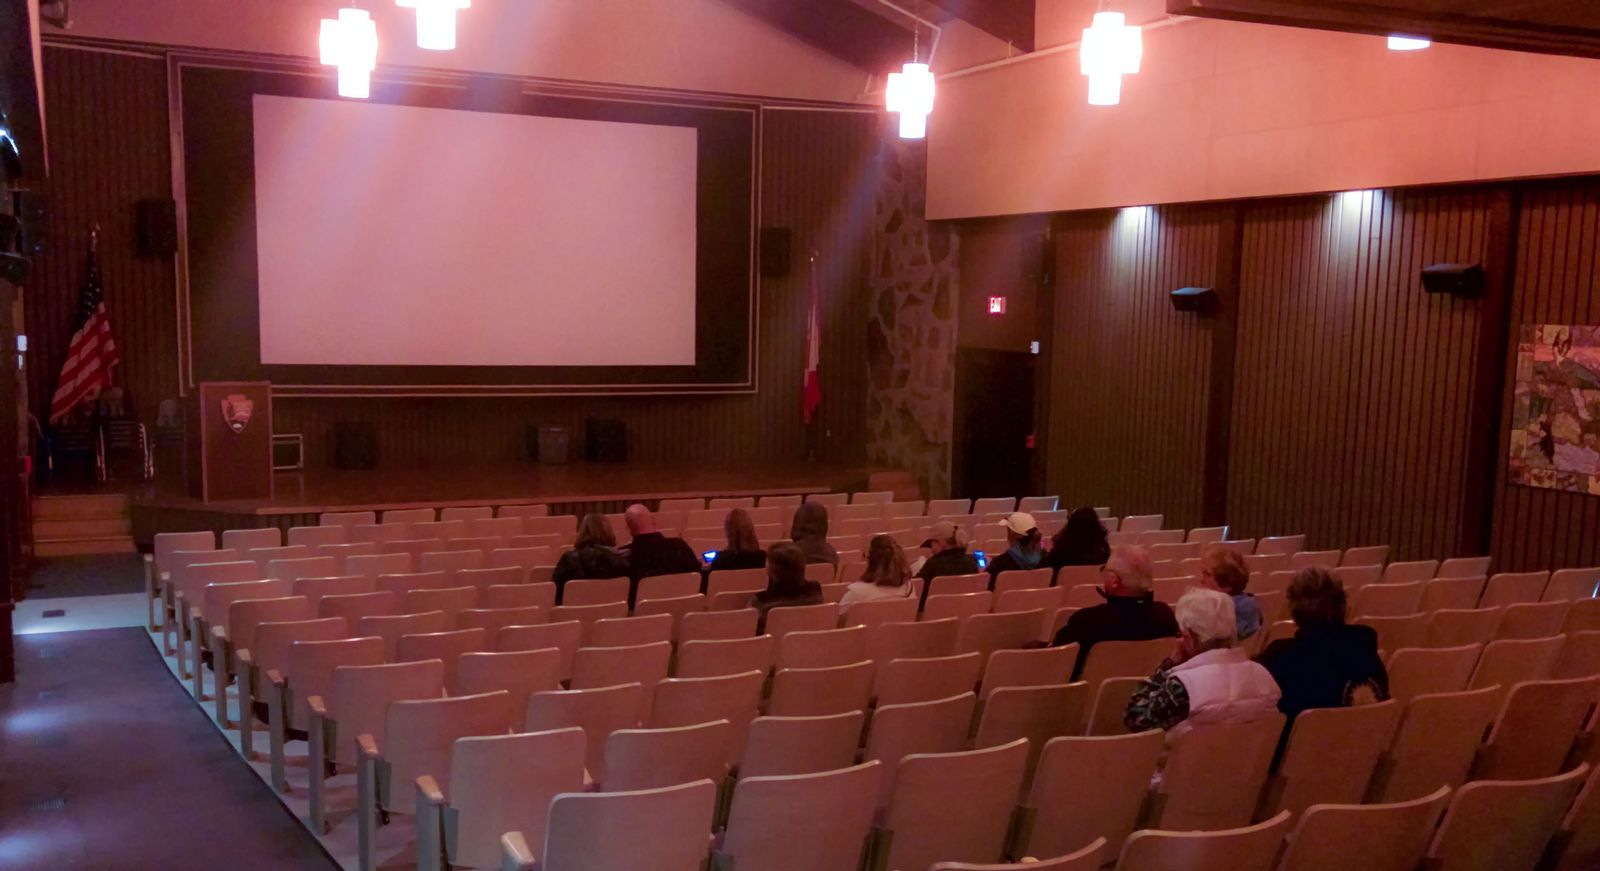 El auditorio del Visitor Center de St. Mary